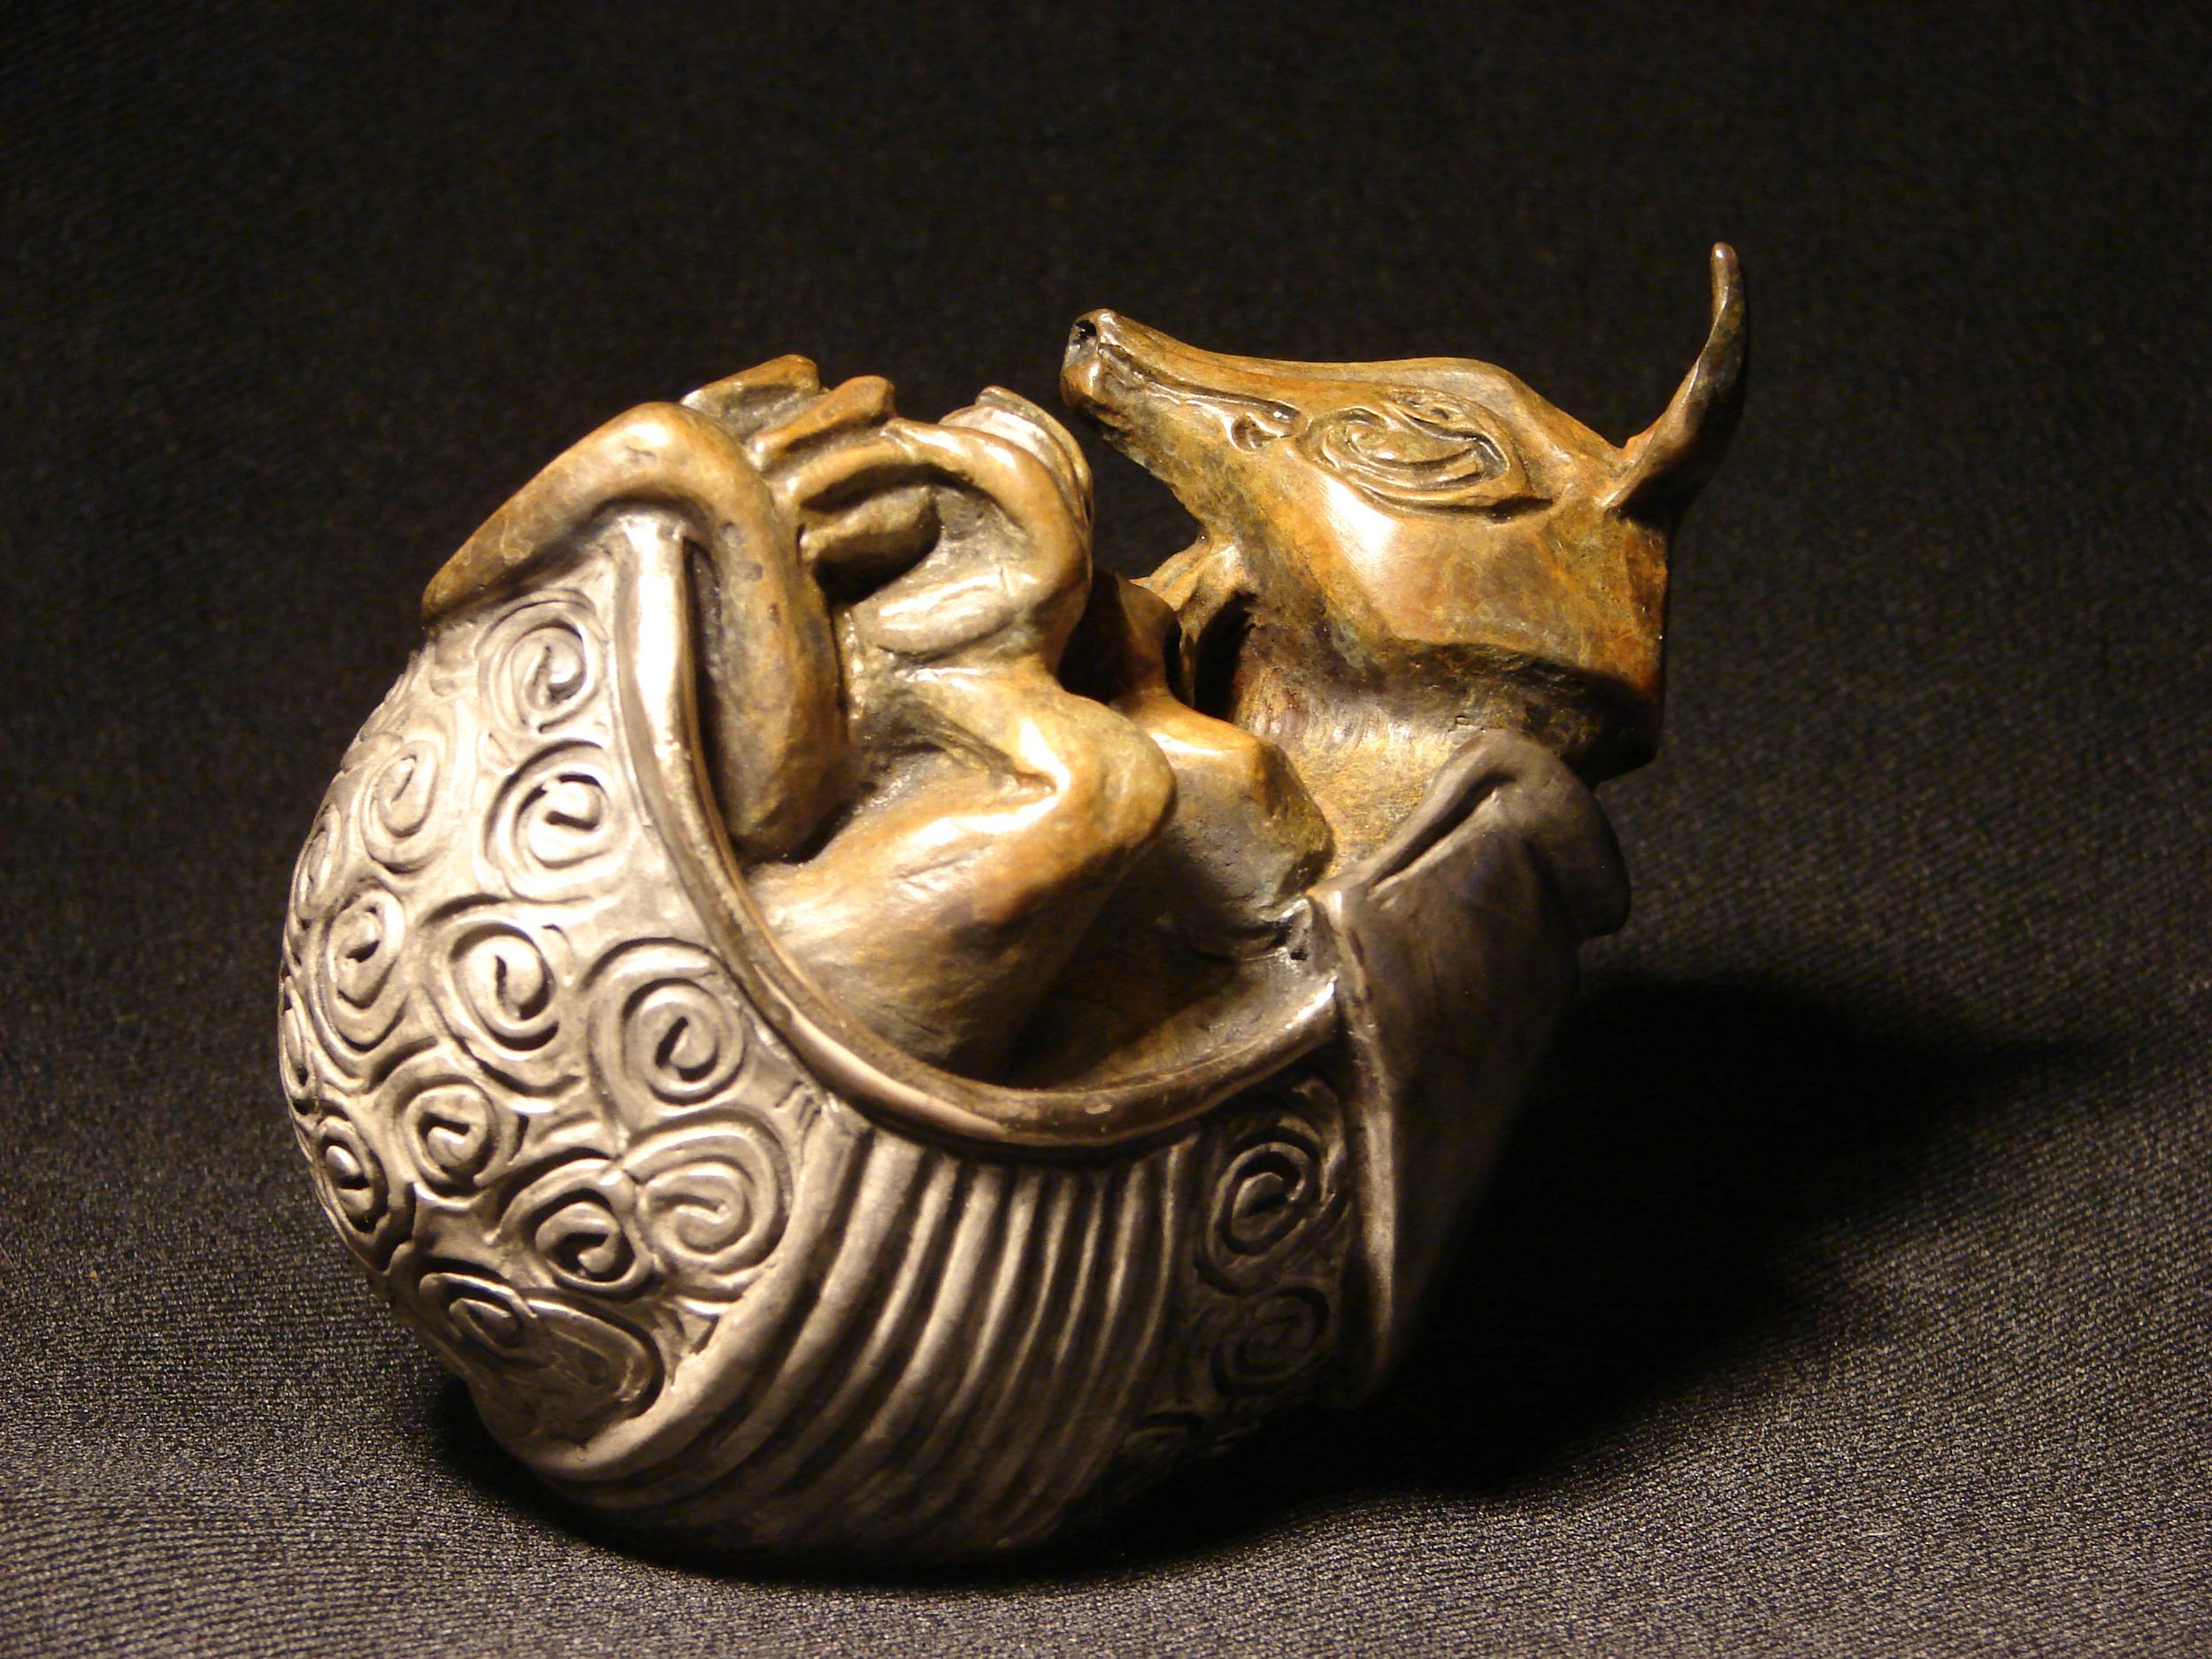 bronze-armadillo-sculpture-john-maisano-2.jpg